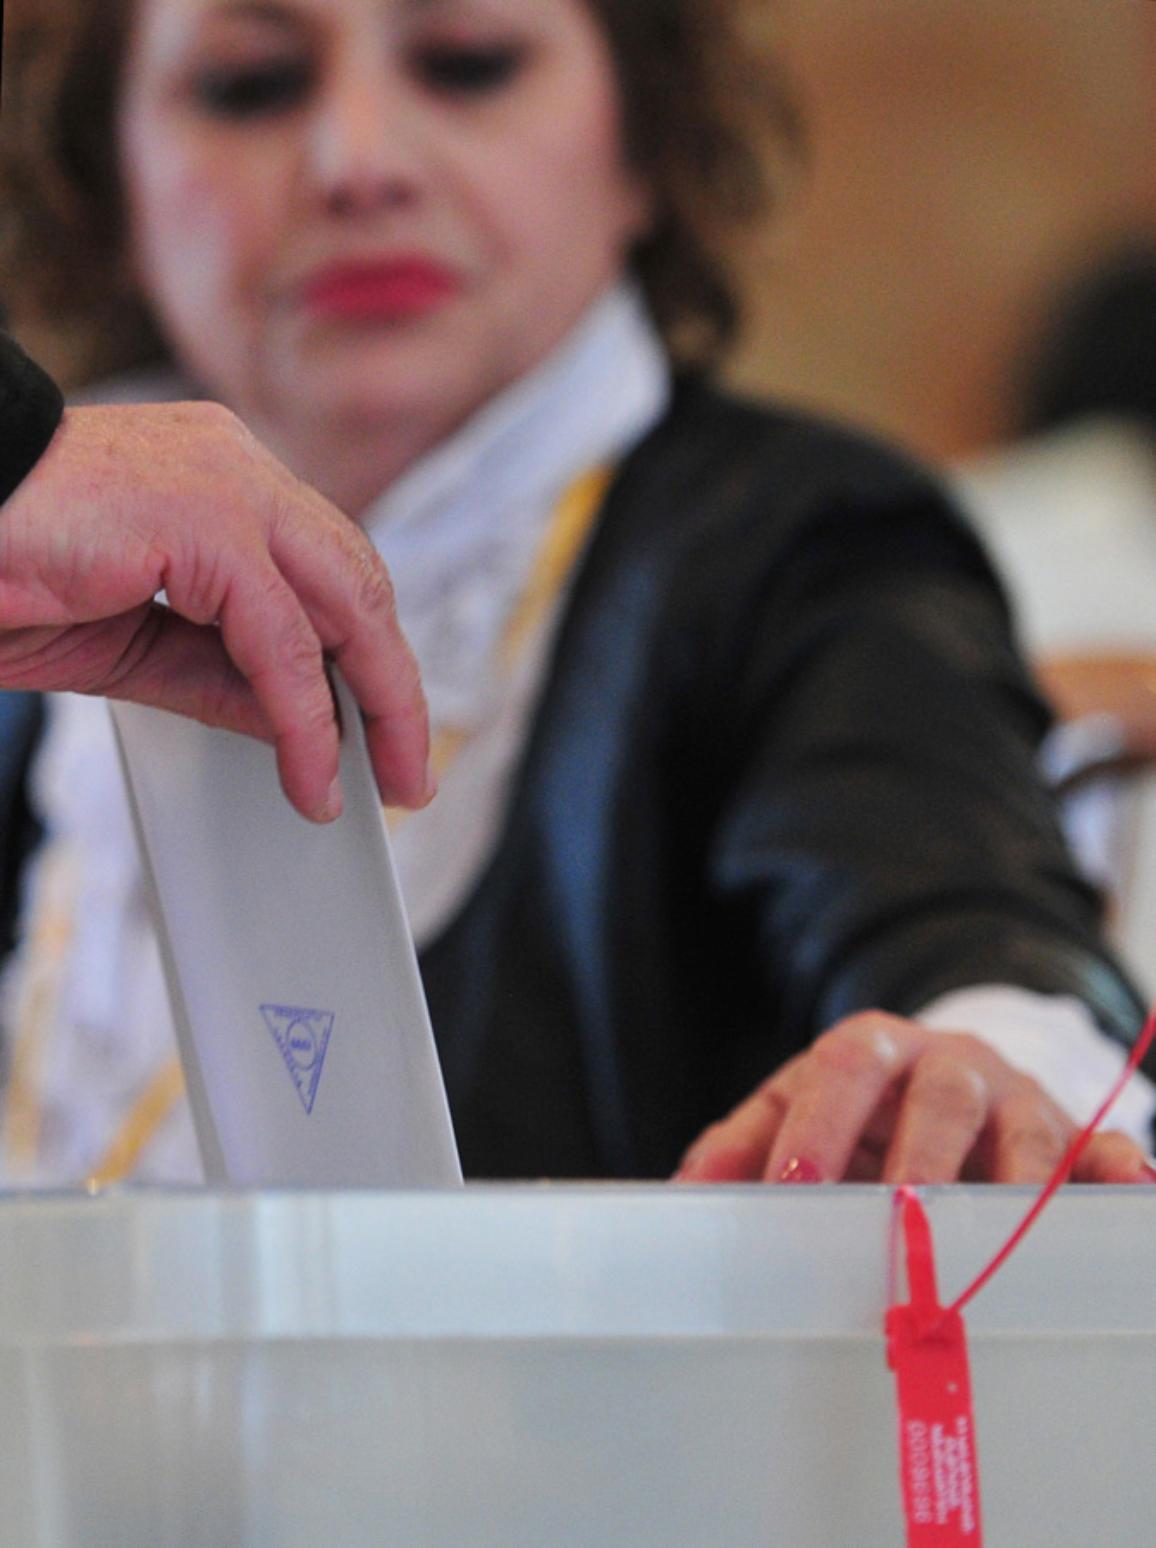 Imagen de una mujer presidiendo una mesa electoral. ©Belga/Novosti/A.Kudenko